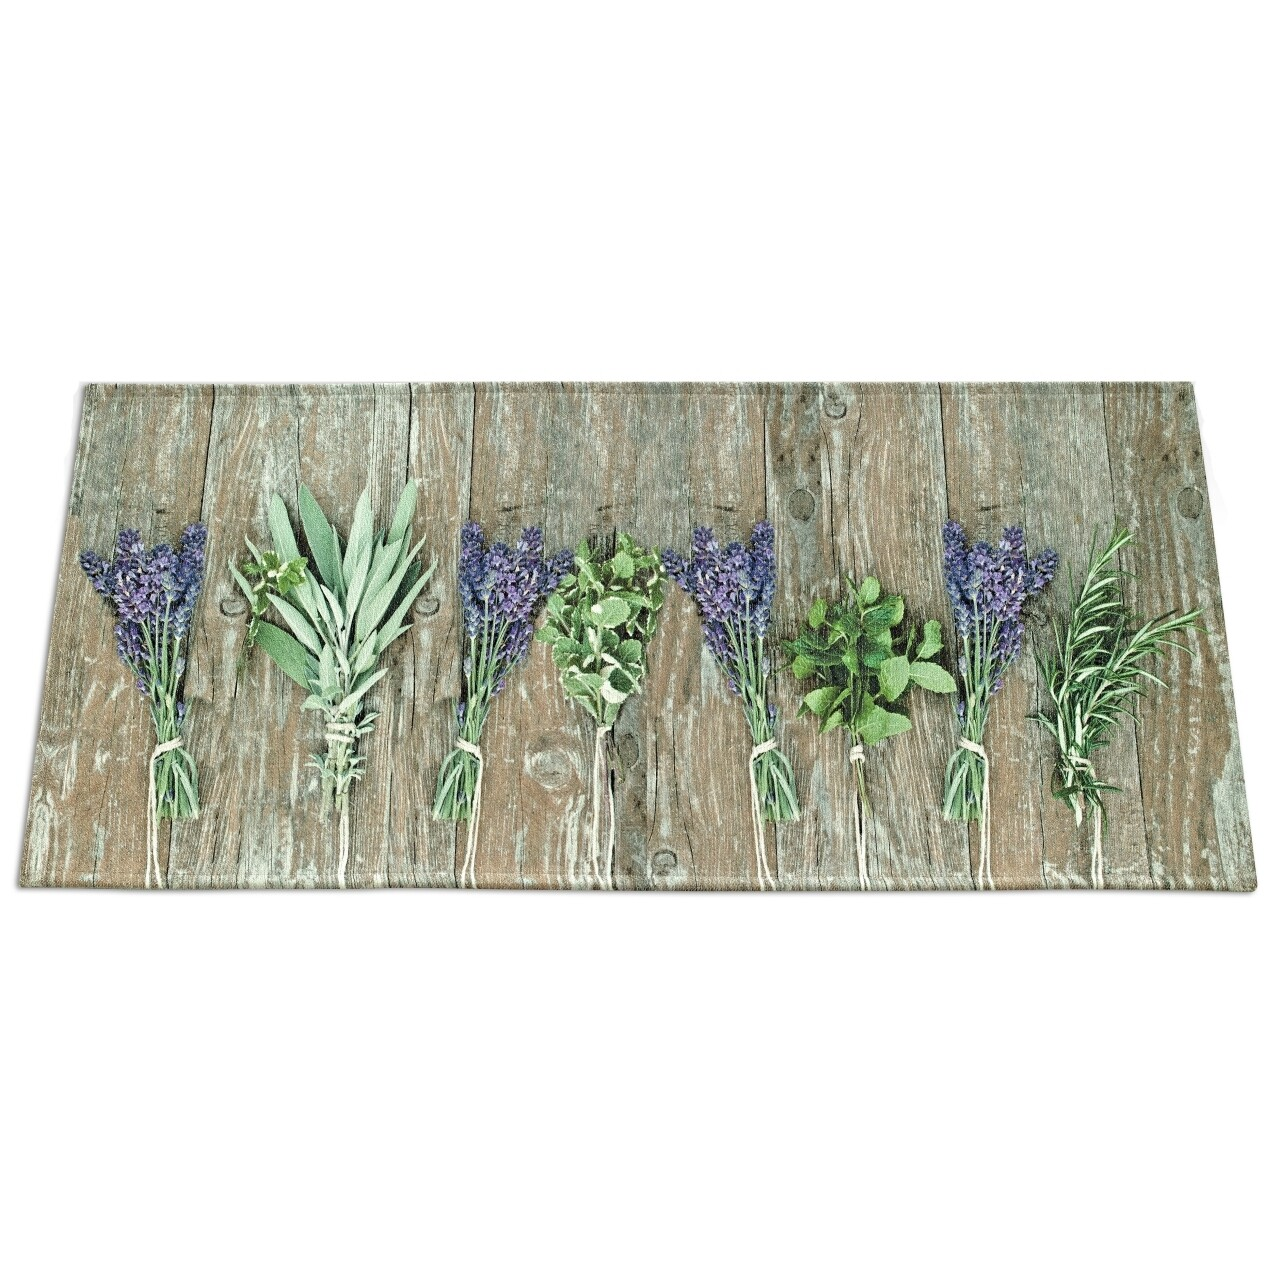 Covor rezistent Webtappeti Lavender 60x240 cm, bej/verde